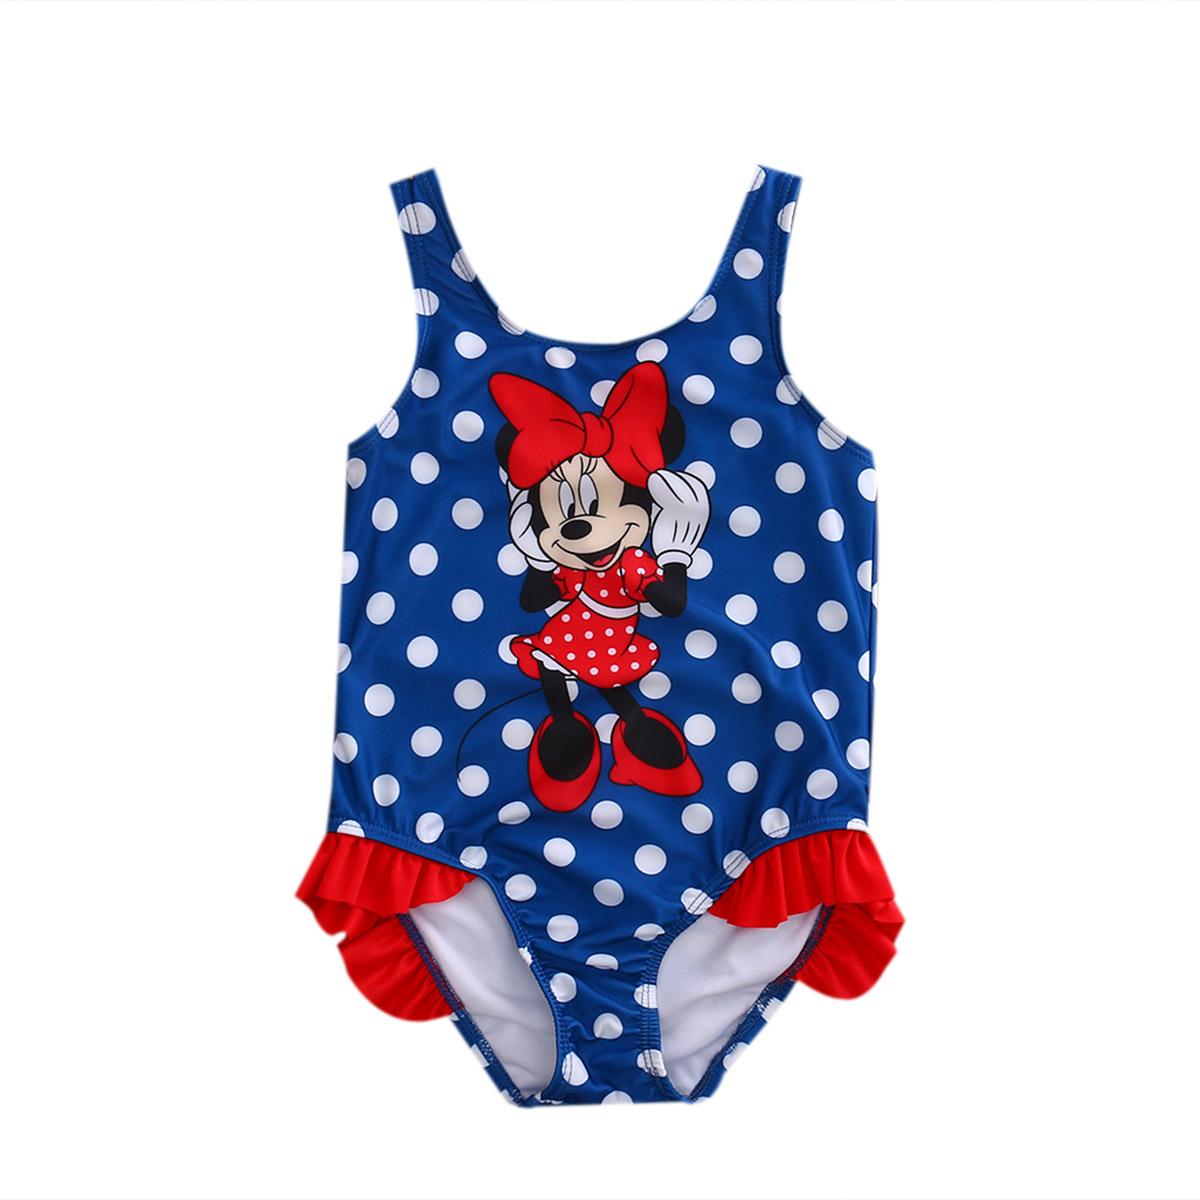 2017 Детский костюм, купальный костюм, купальный костюм в горошек, цельные костюмы для девочек, Танкини с рисунком мышки, От 1 до 5 лет для малыш... 12